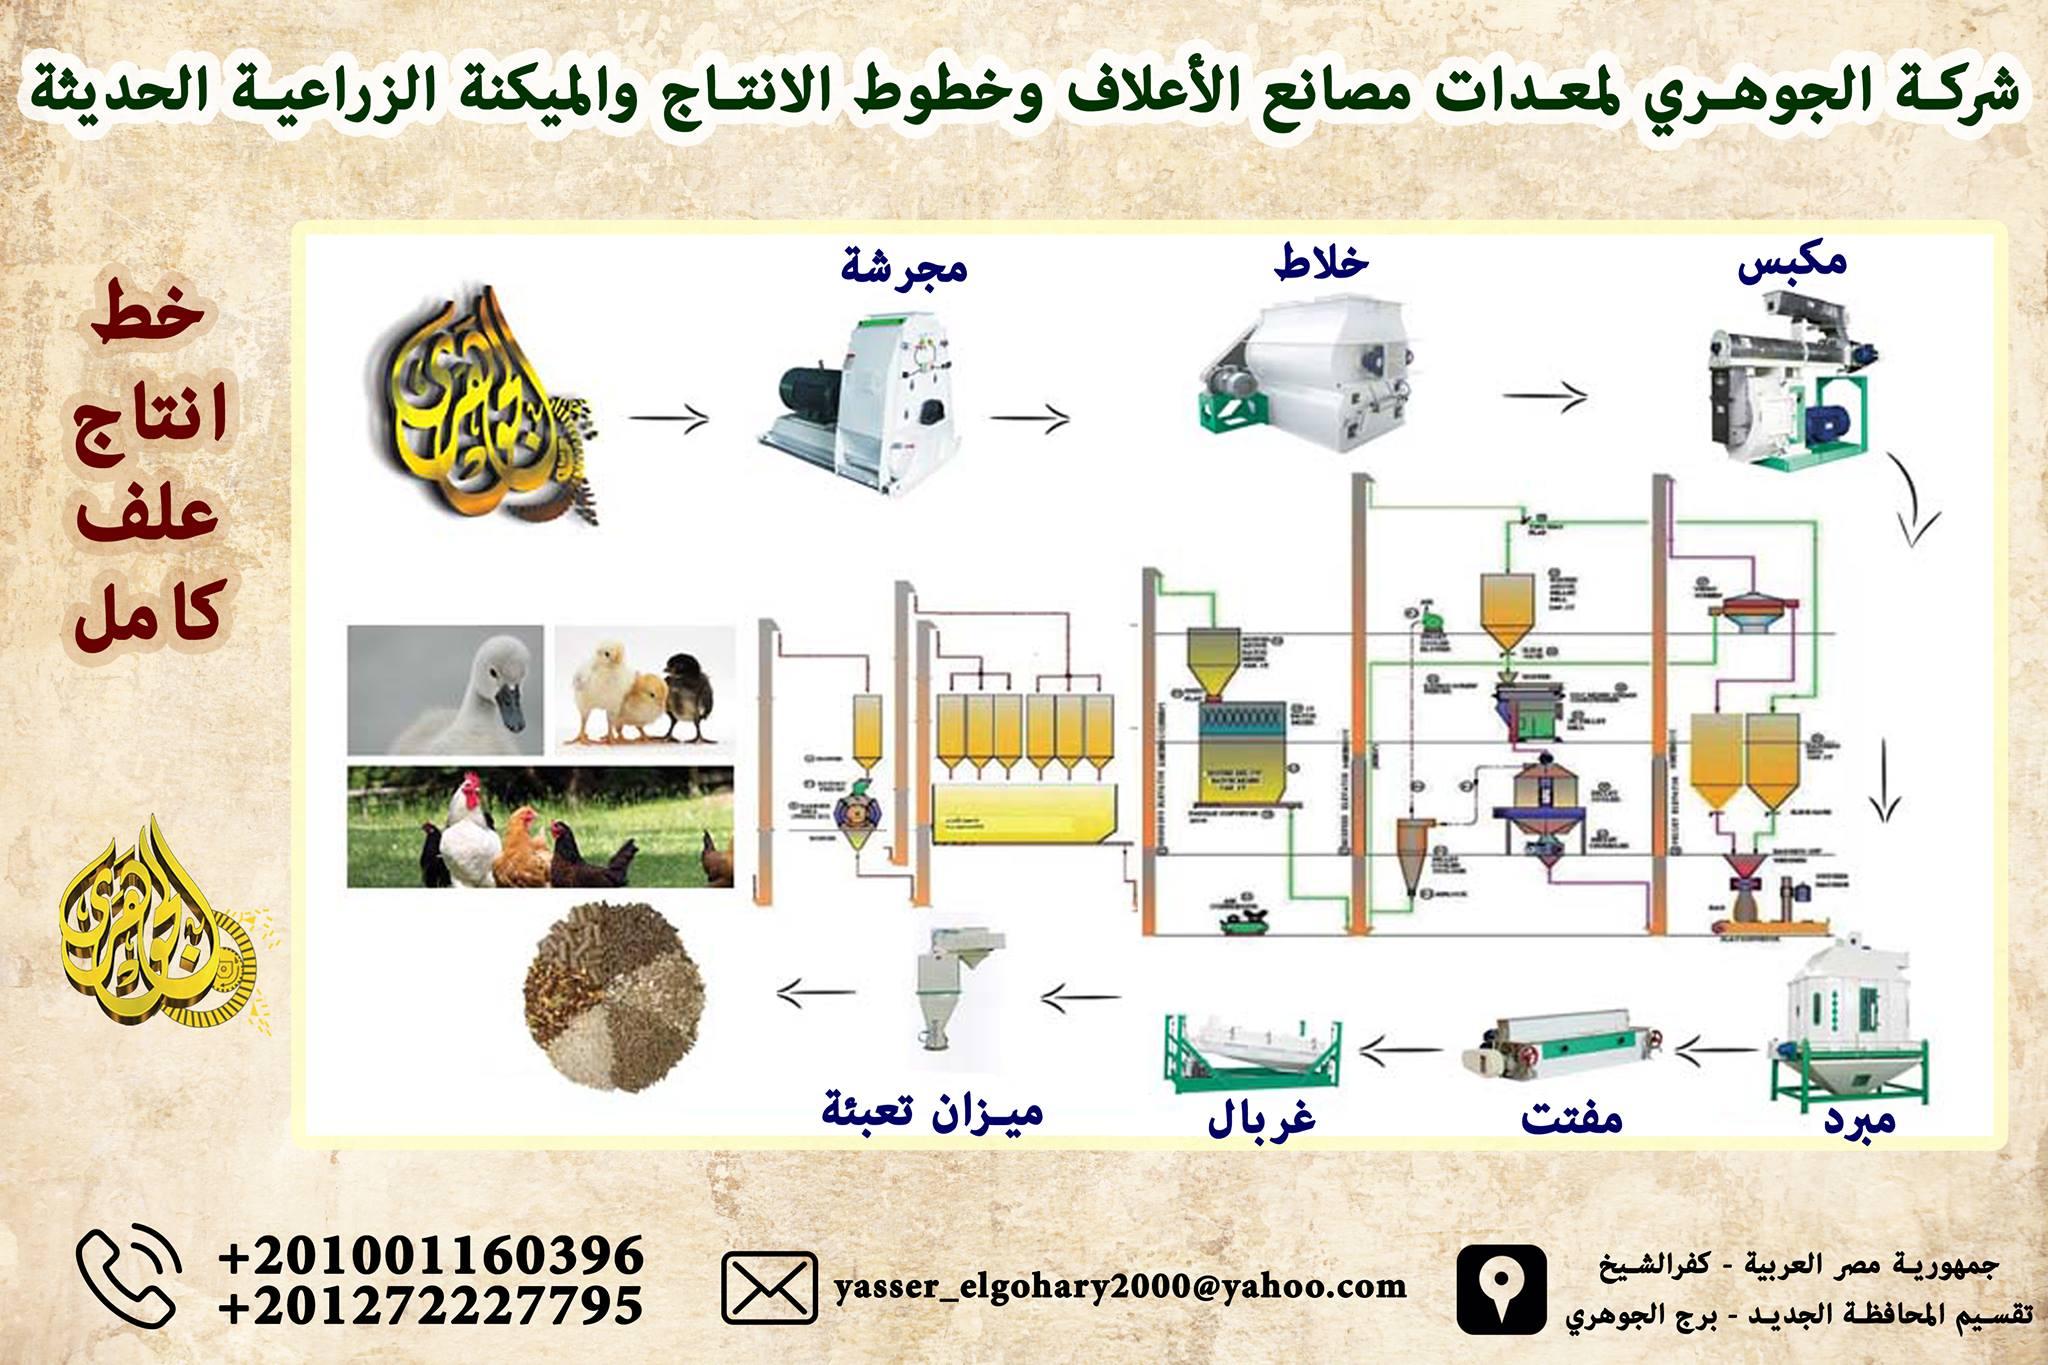 ماكينة التعبئة والتغليف معدات مصانع 367004084.jpg